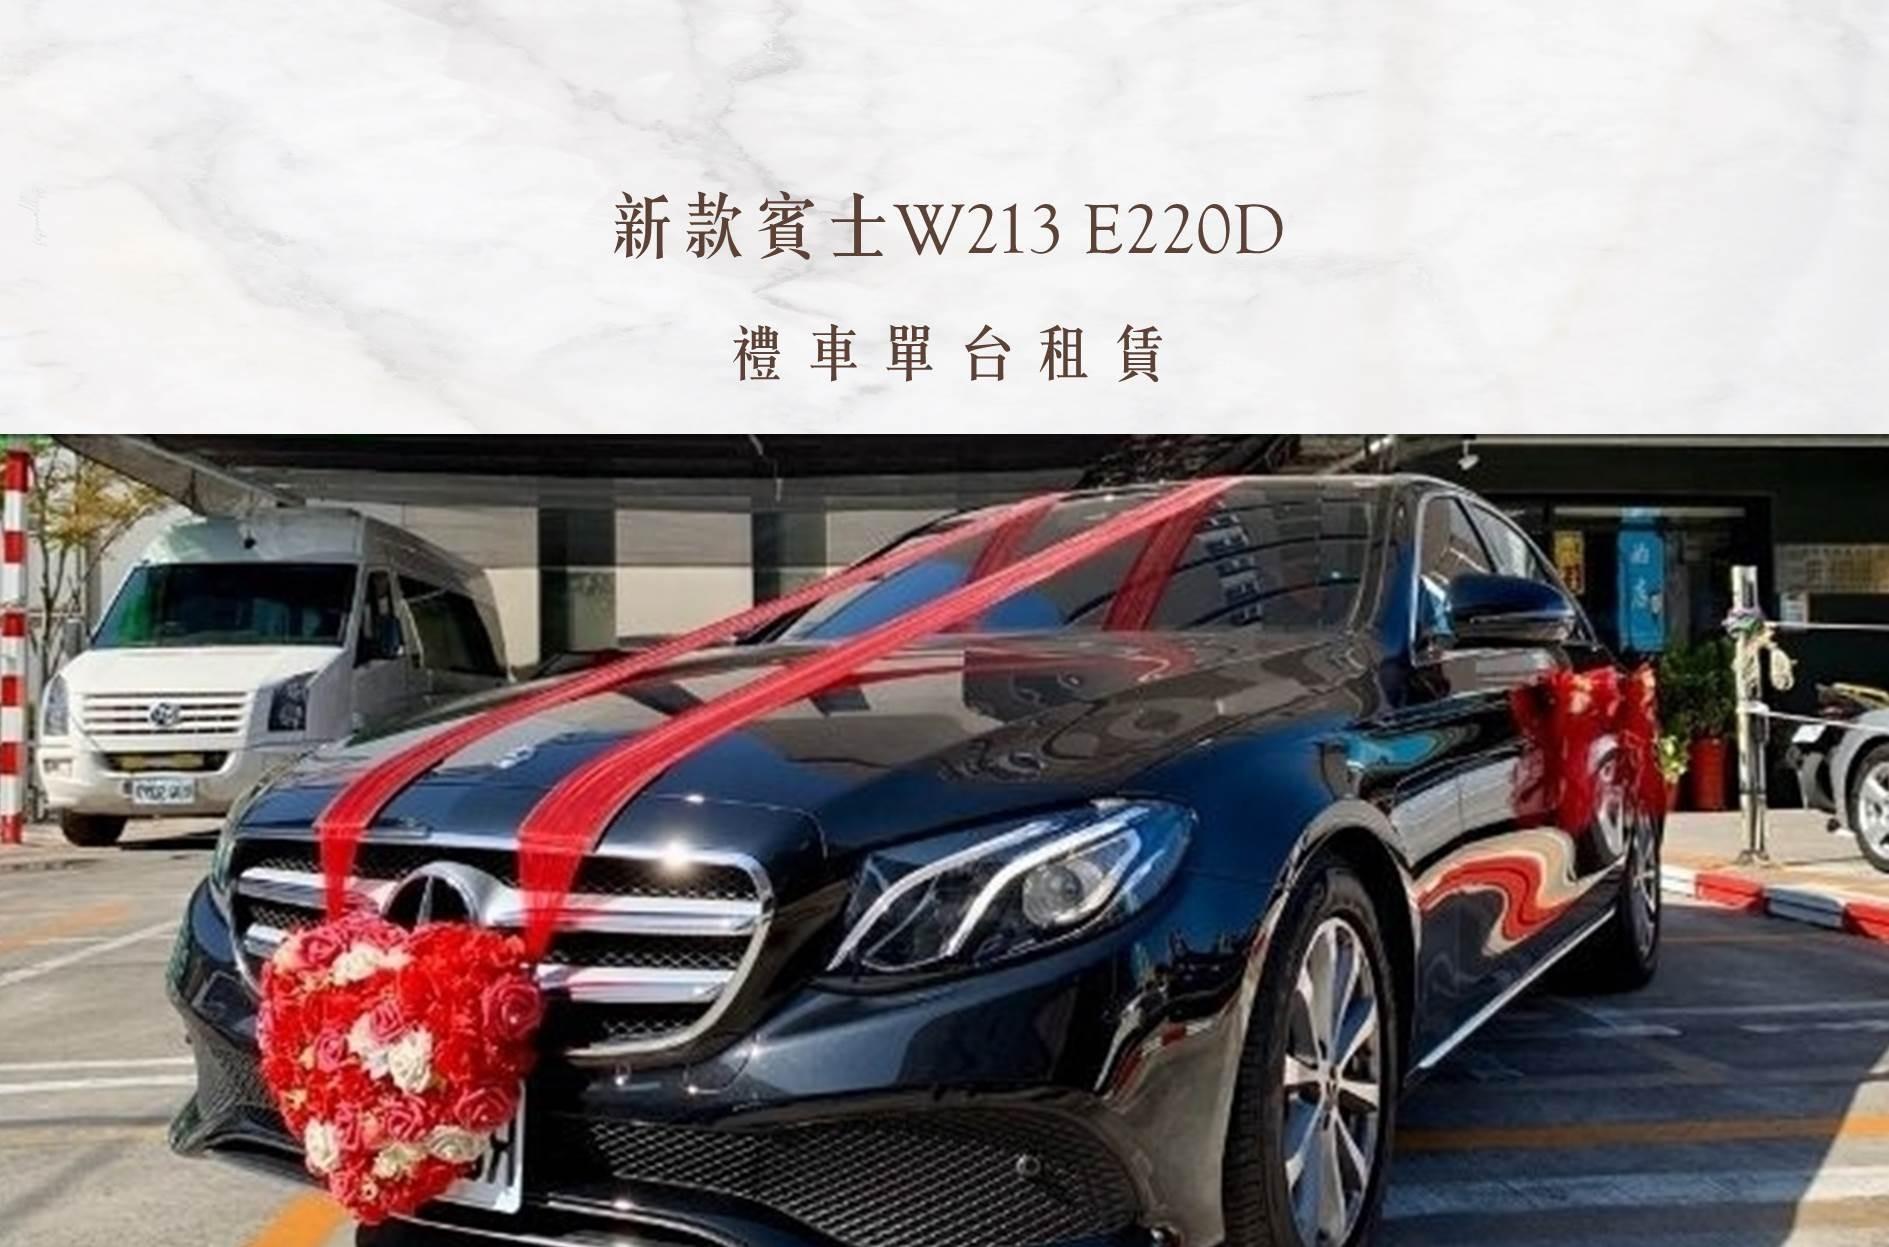 新款賓士W213 E220D